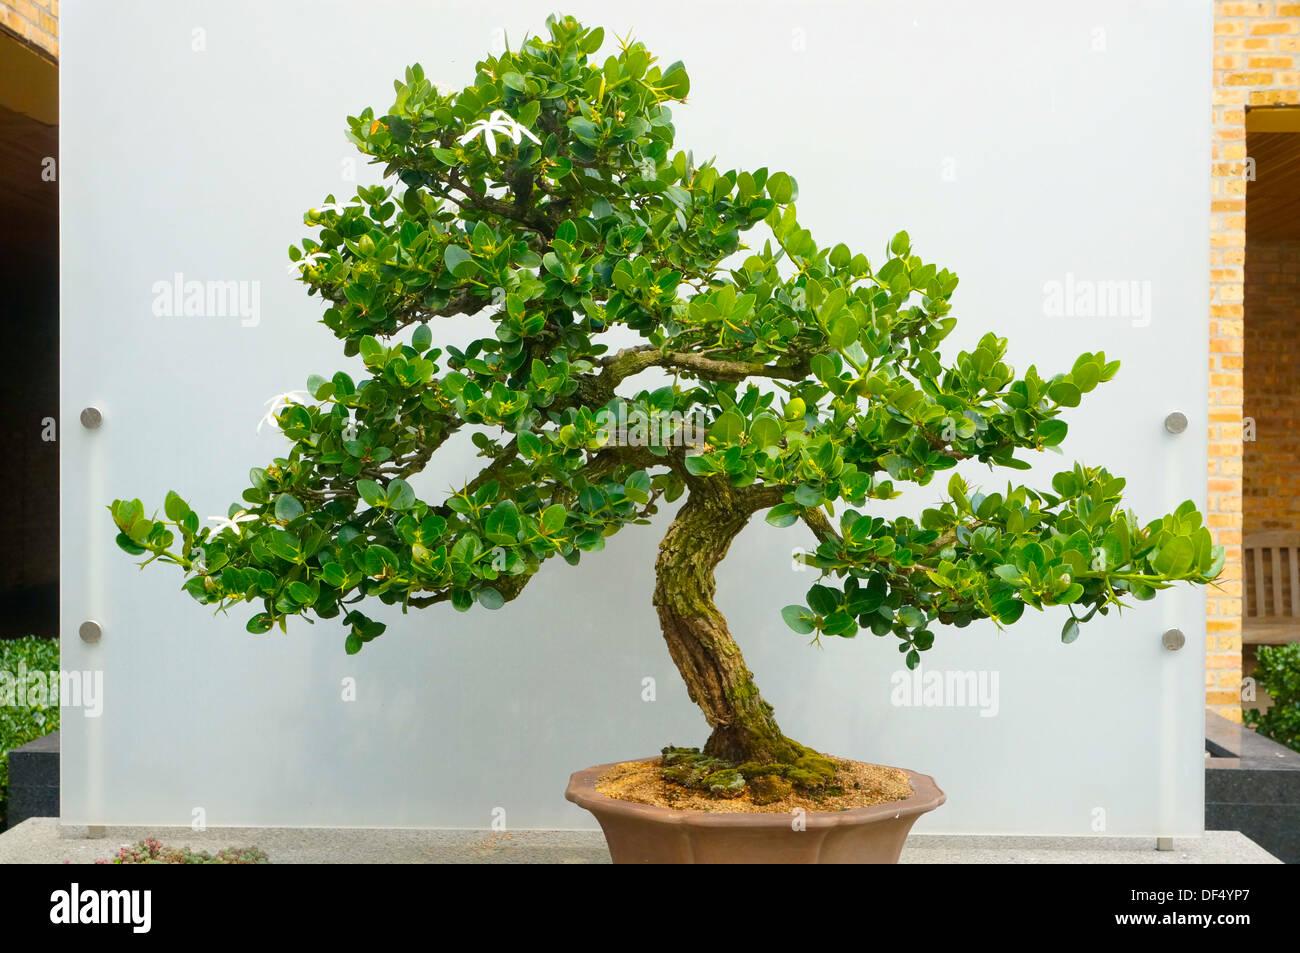 Bonsai Exhibit At The Chicago Botanic Garden In Glencoe Illinois Stock Photo Alamy